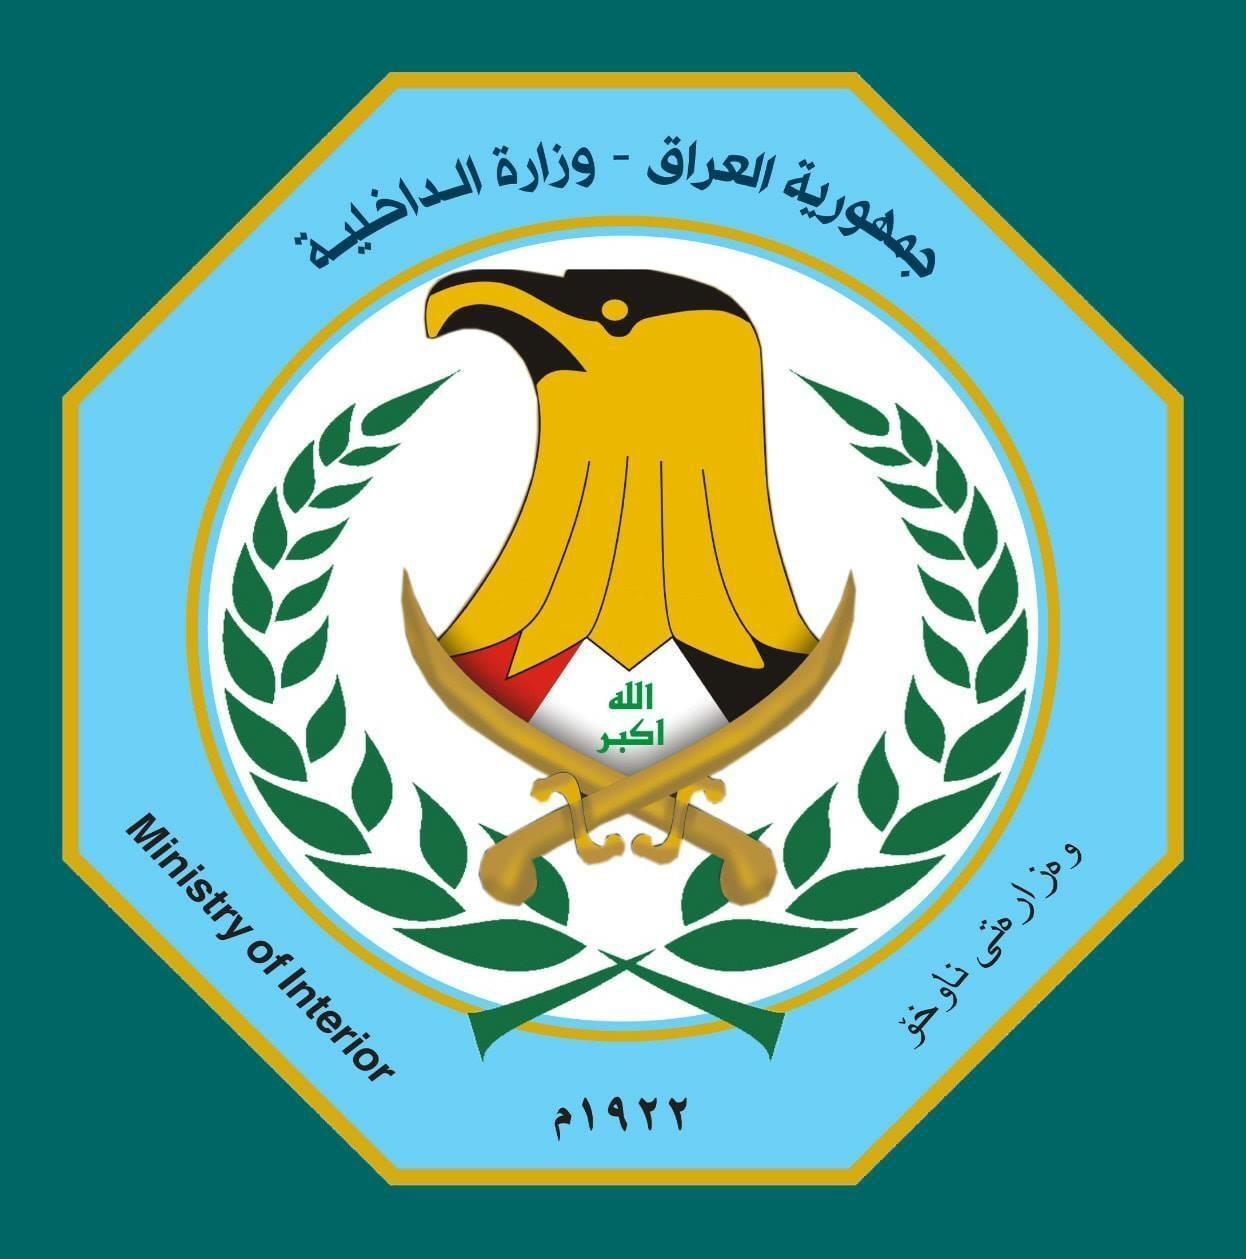 وزارة الداخلية :تغير صورة شعارها